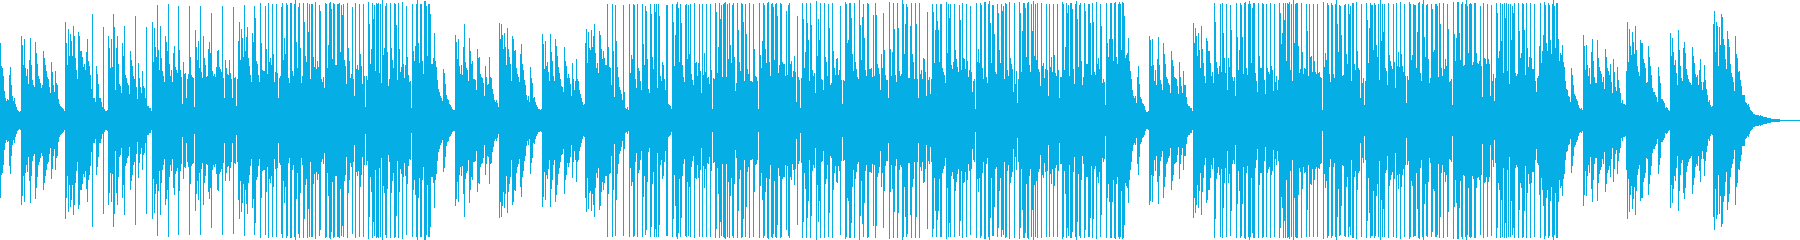 ムーディーで大人の雰囲気漂う洋楽R&Bの再生済みの波形